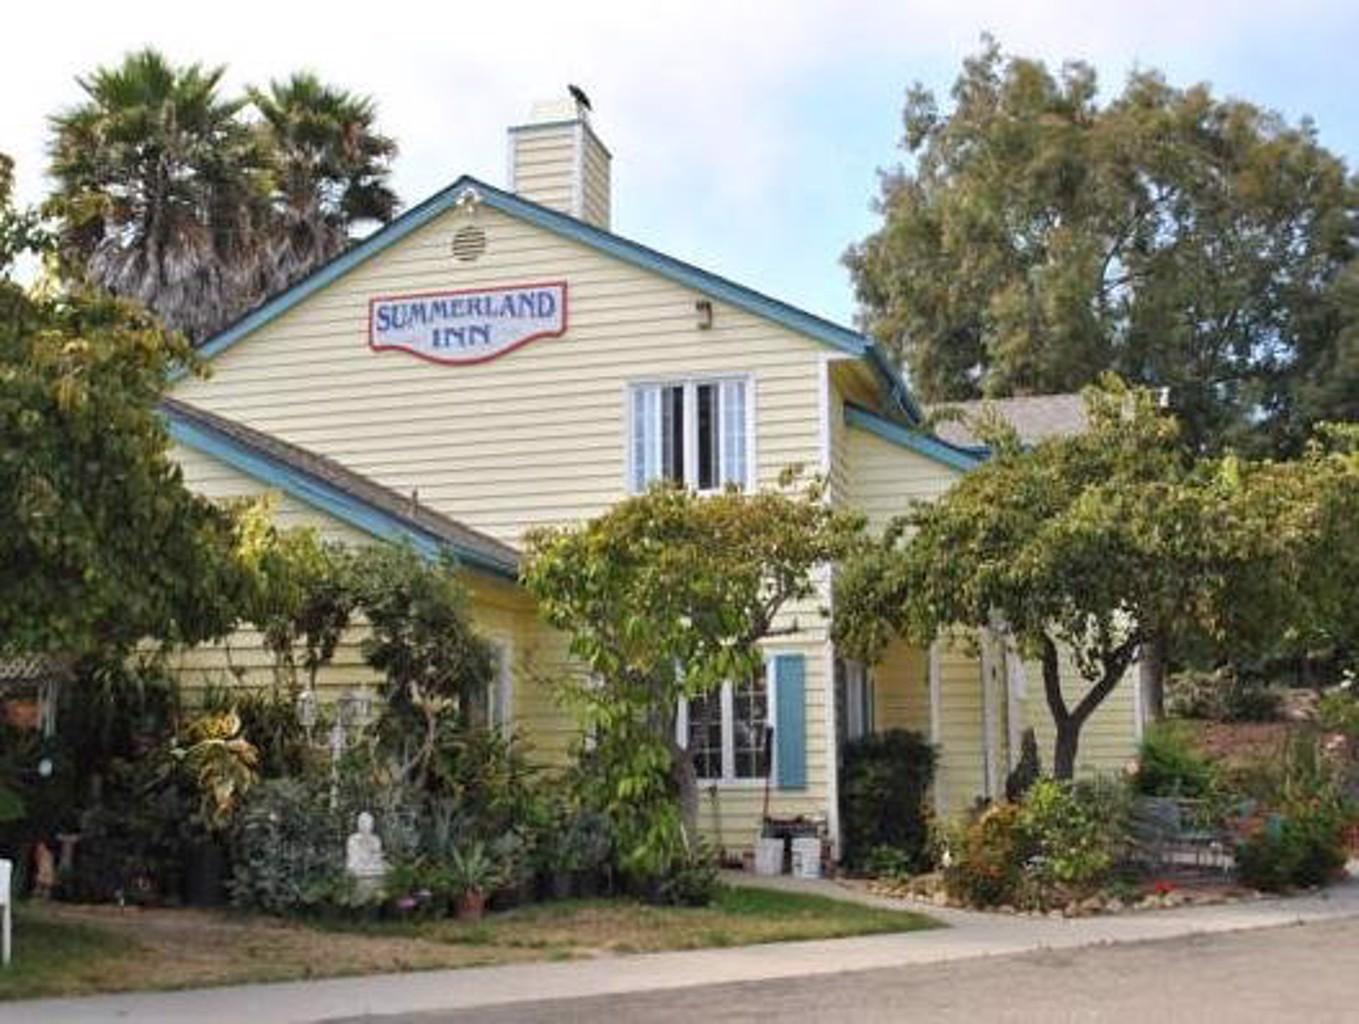 Summerland Inn